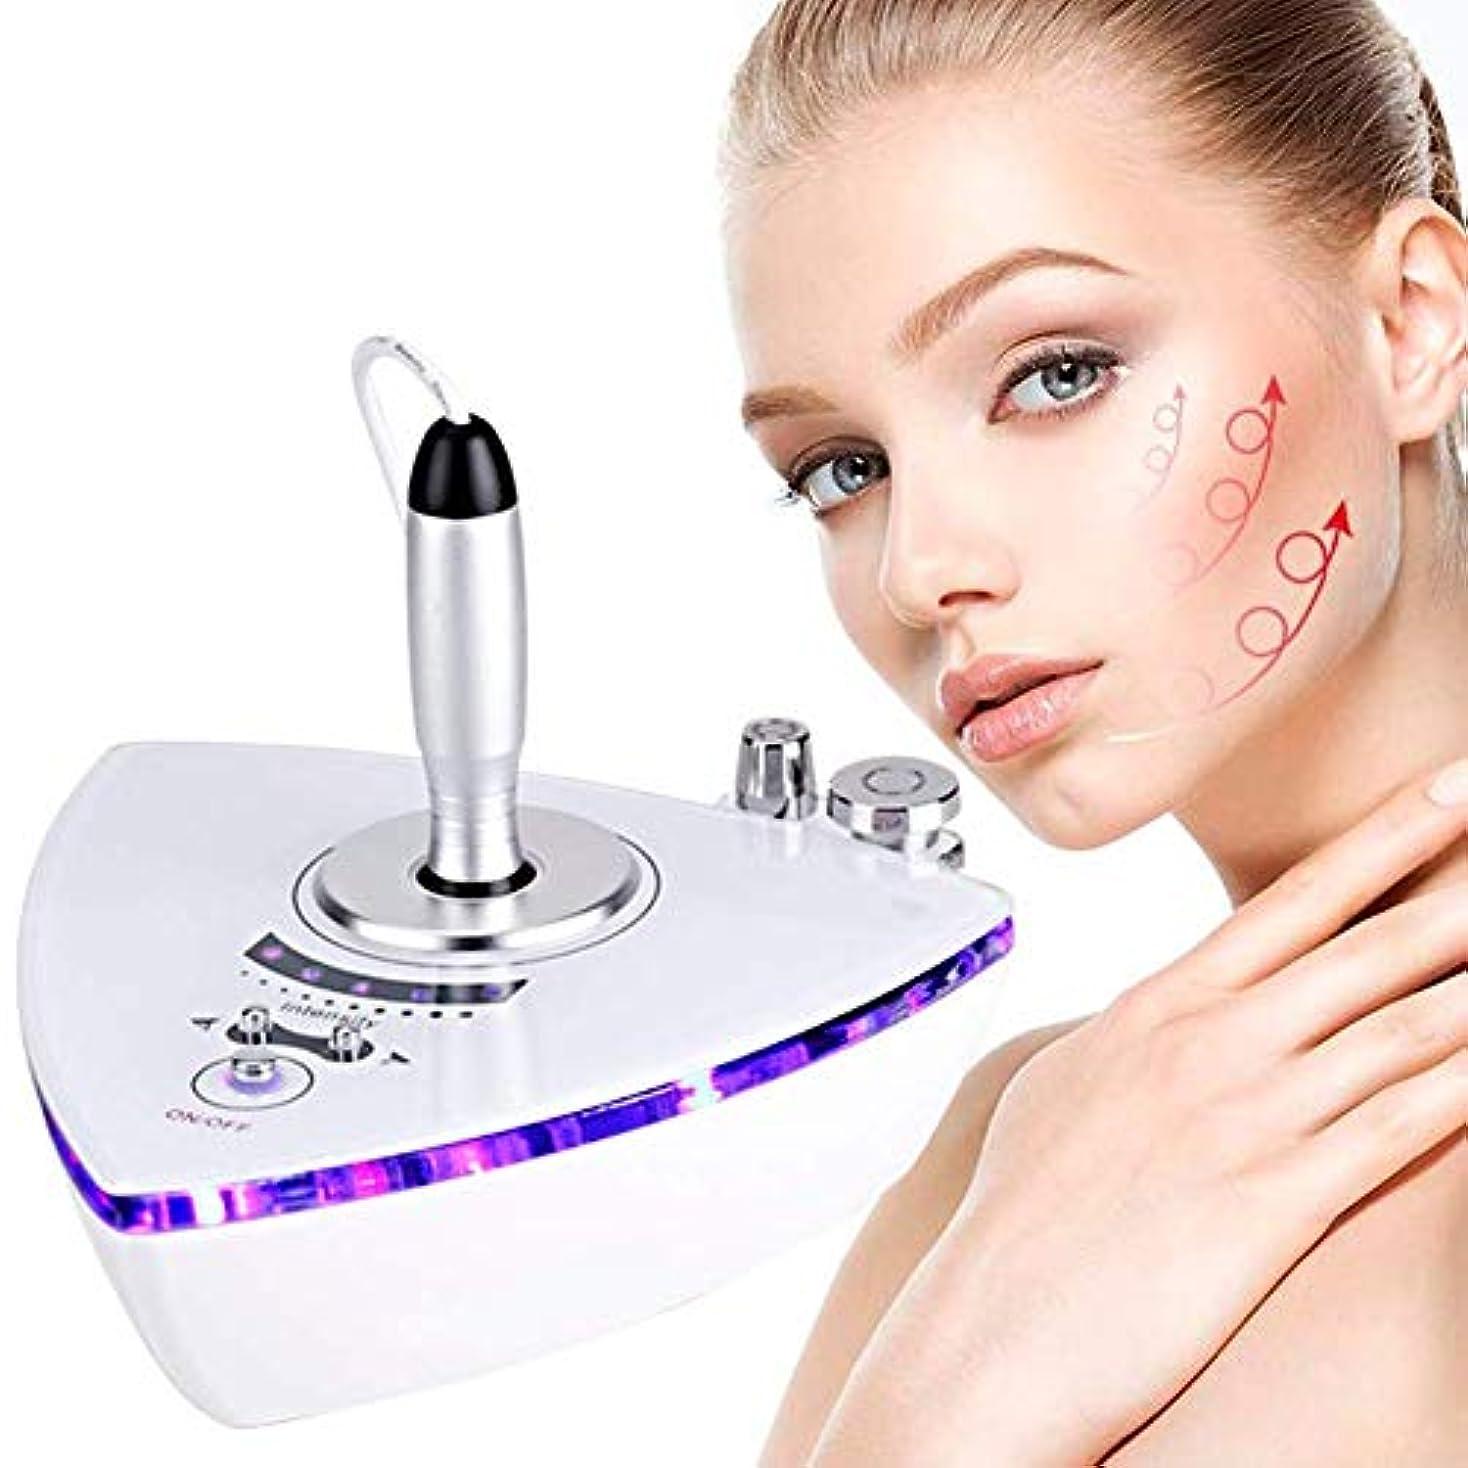 臨検暗くする広告するポータブルRF無線周波数フェイシャル?マシン、ホーム用肌の若返りしわ除去の肌のための二つのプローブとしわフェイスピーリングマシンを持ち上げるためのアンチエイジングスキンケア美容機器を引き締め